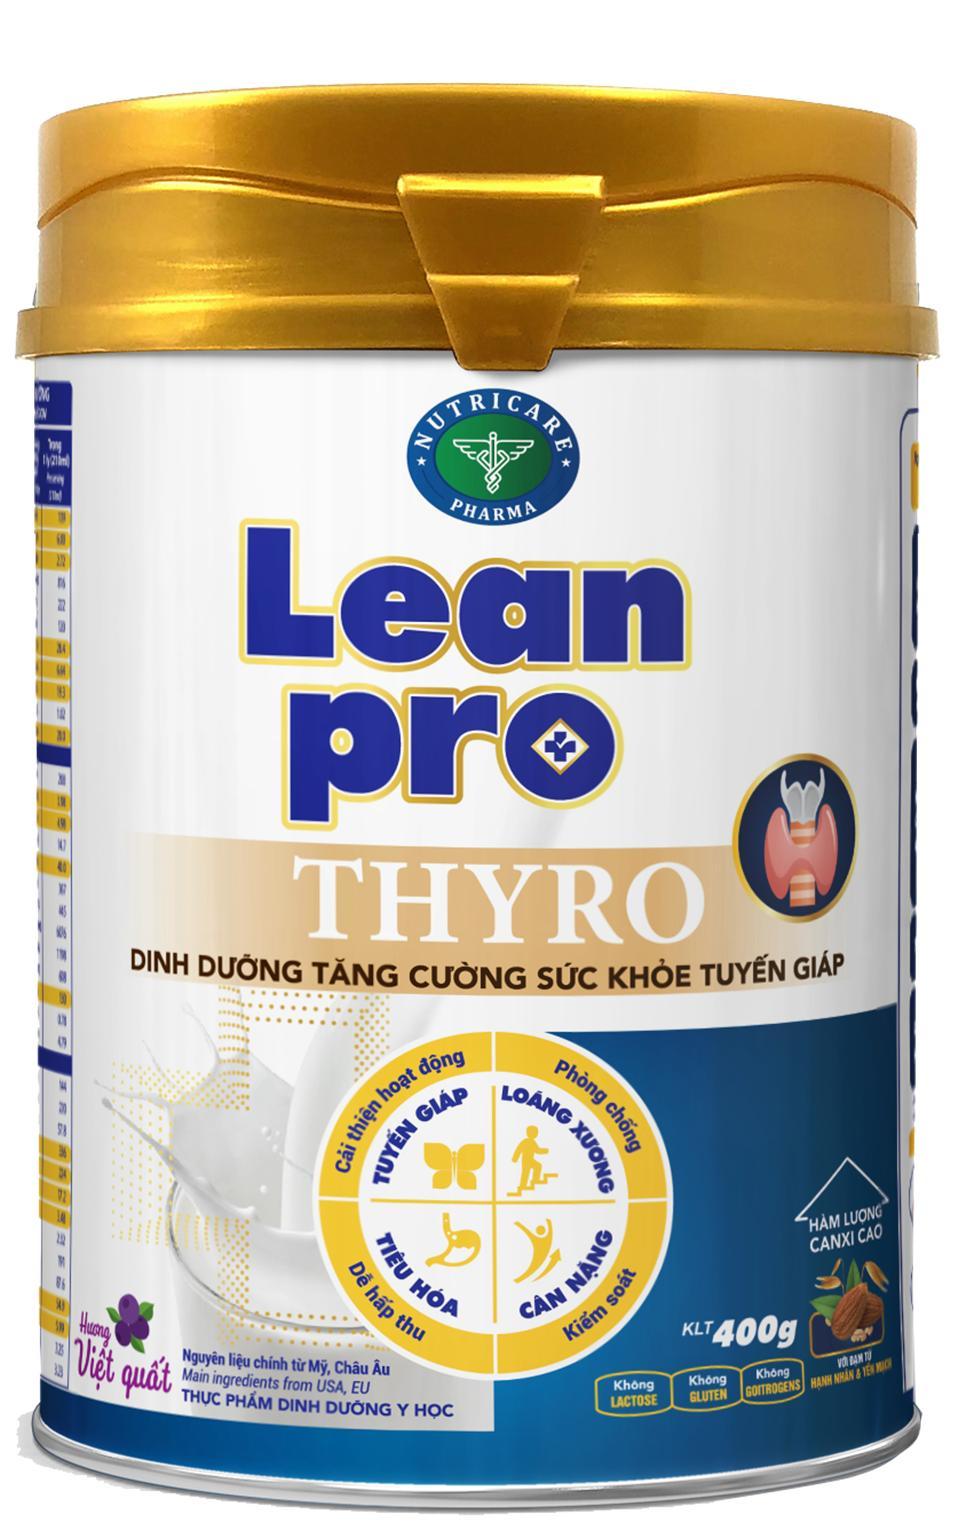 Sữa Lean Pro Thyro (Sữa đặc hiệu dành cho người lớn; trẻ em trên 10 tuổi suy giảm chức năng tuyến giáp, bệnh nhân suy giáp, bệnh nhân sau phẫu thuật tuyến giáp, bệnh nhân sau điều trị phóng xạ lod)